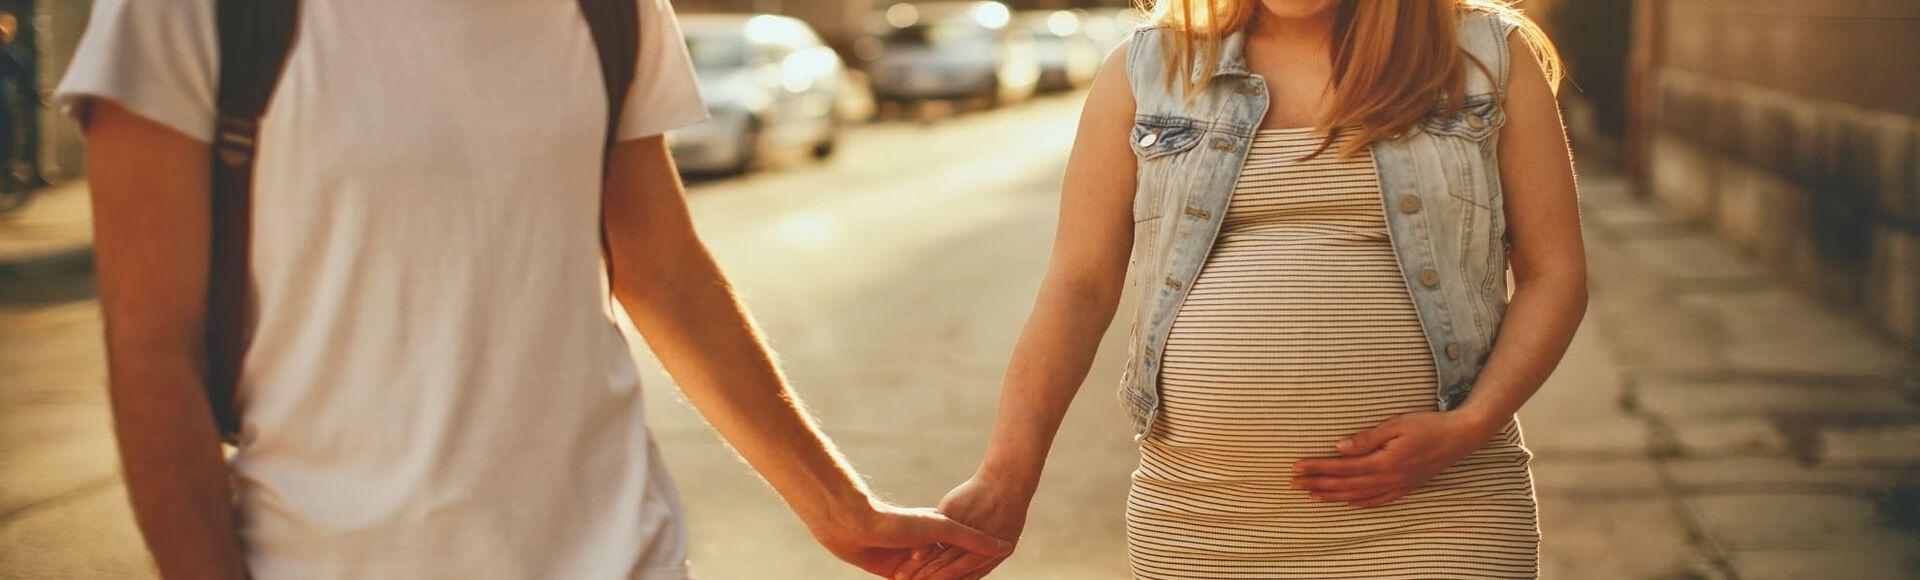 Tu y yo nuestro embarazo